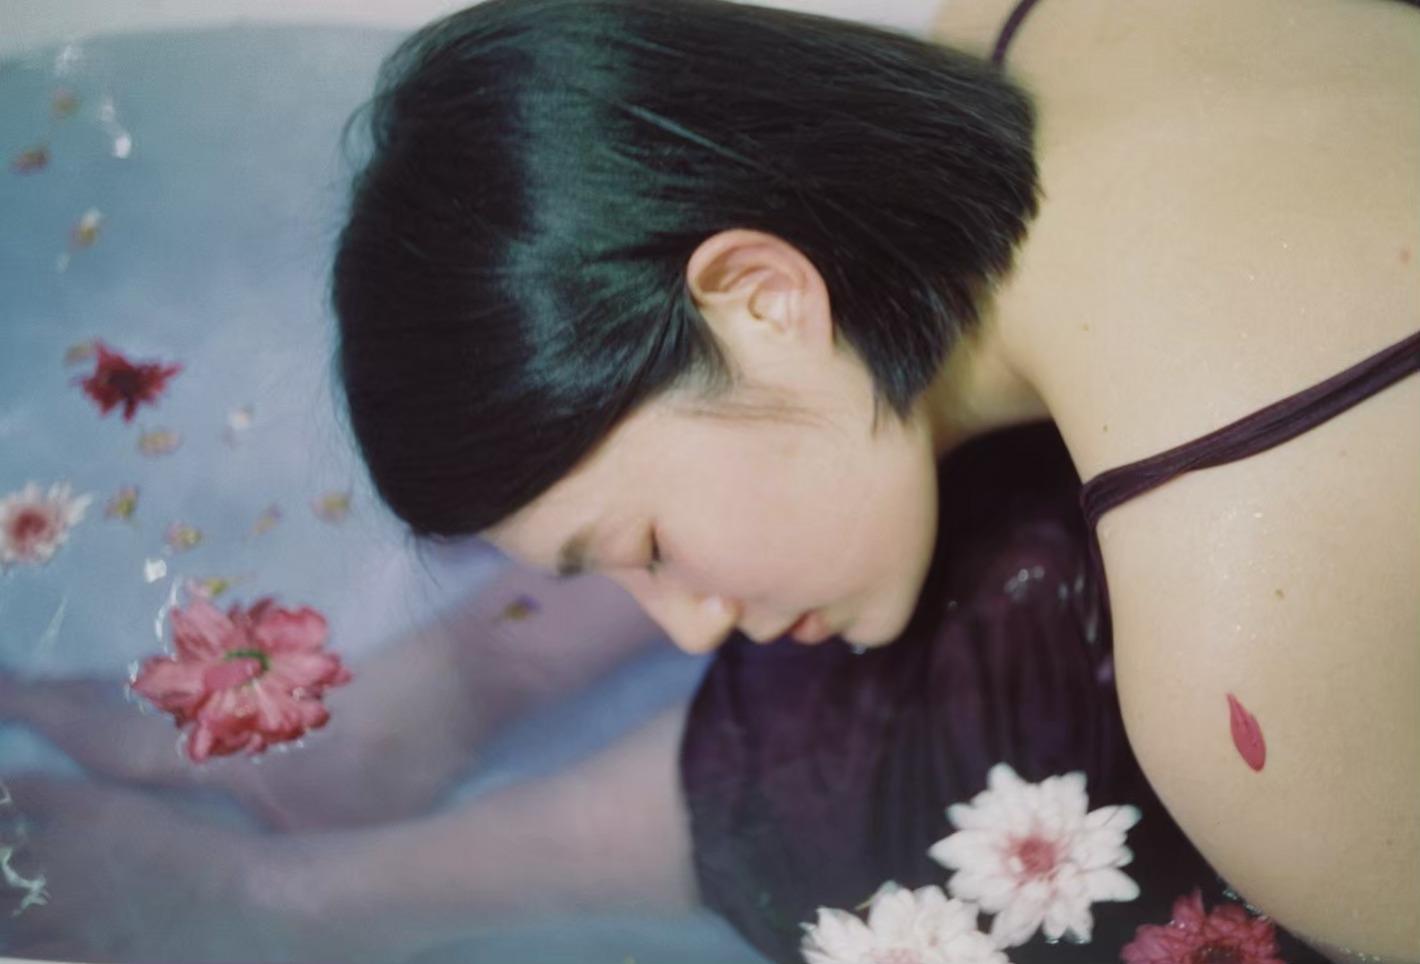 オススメのフィルム8種を撮り比べ ~種類で変わる写真の世界観~